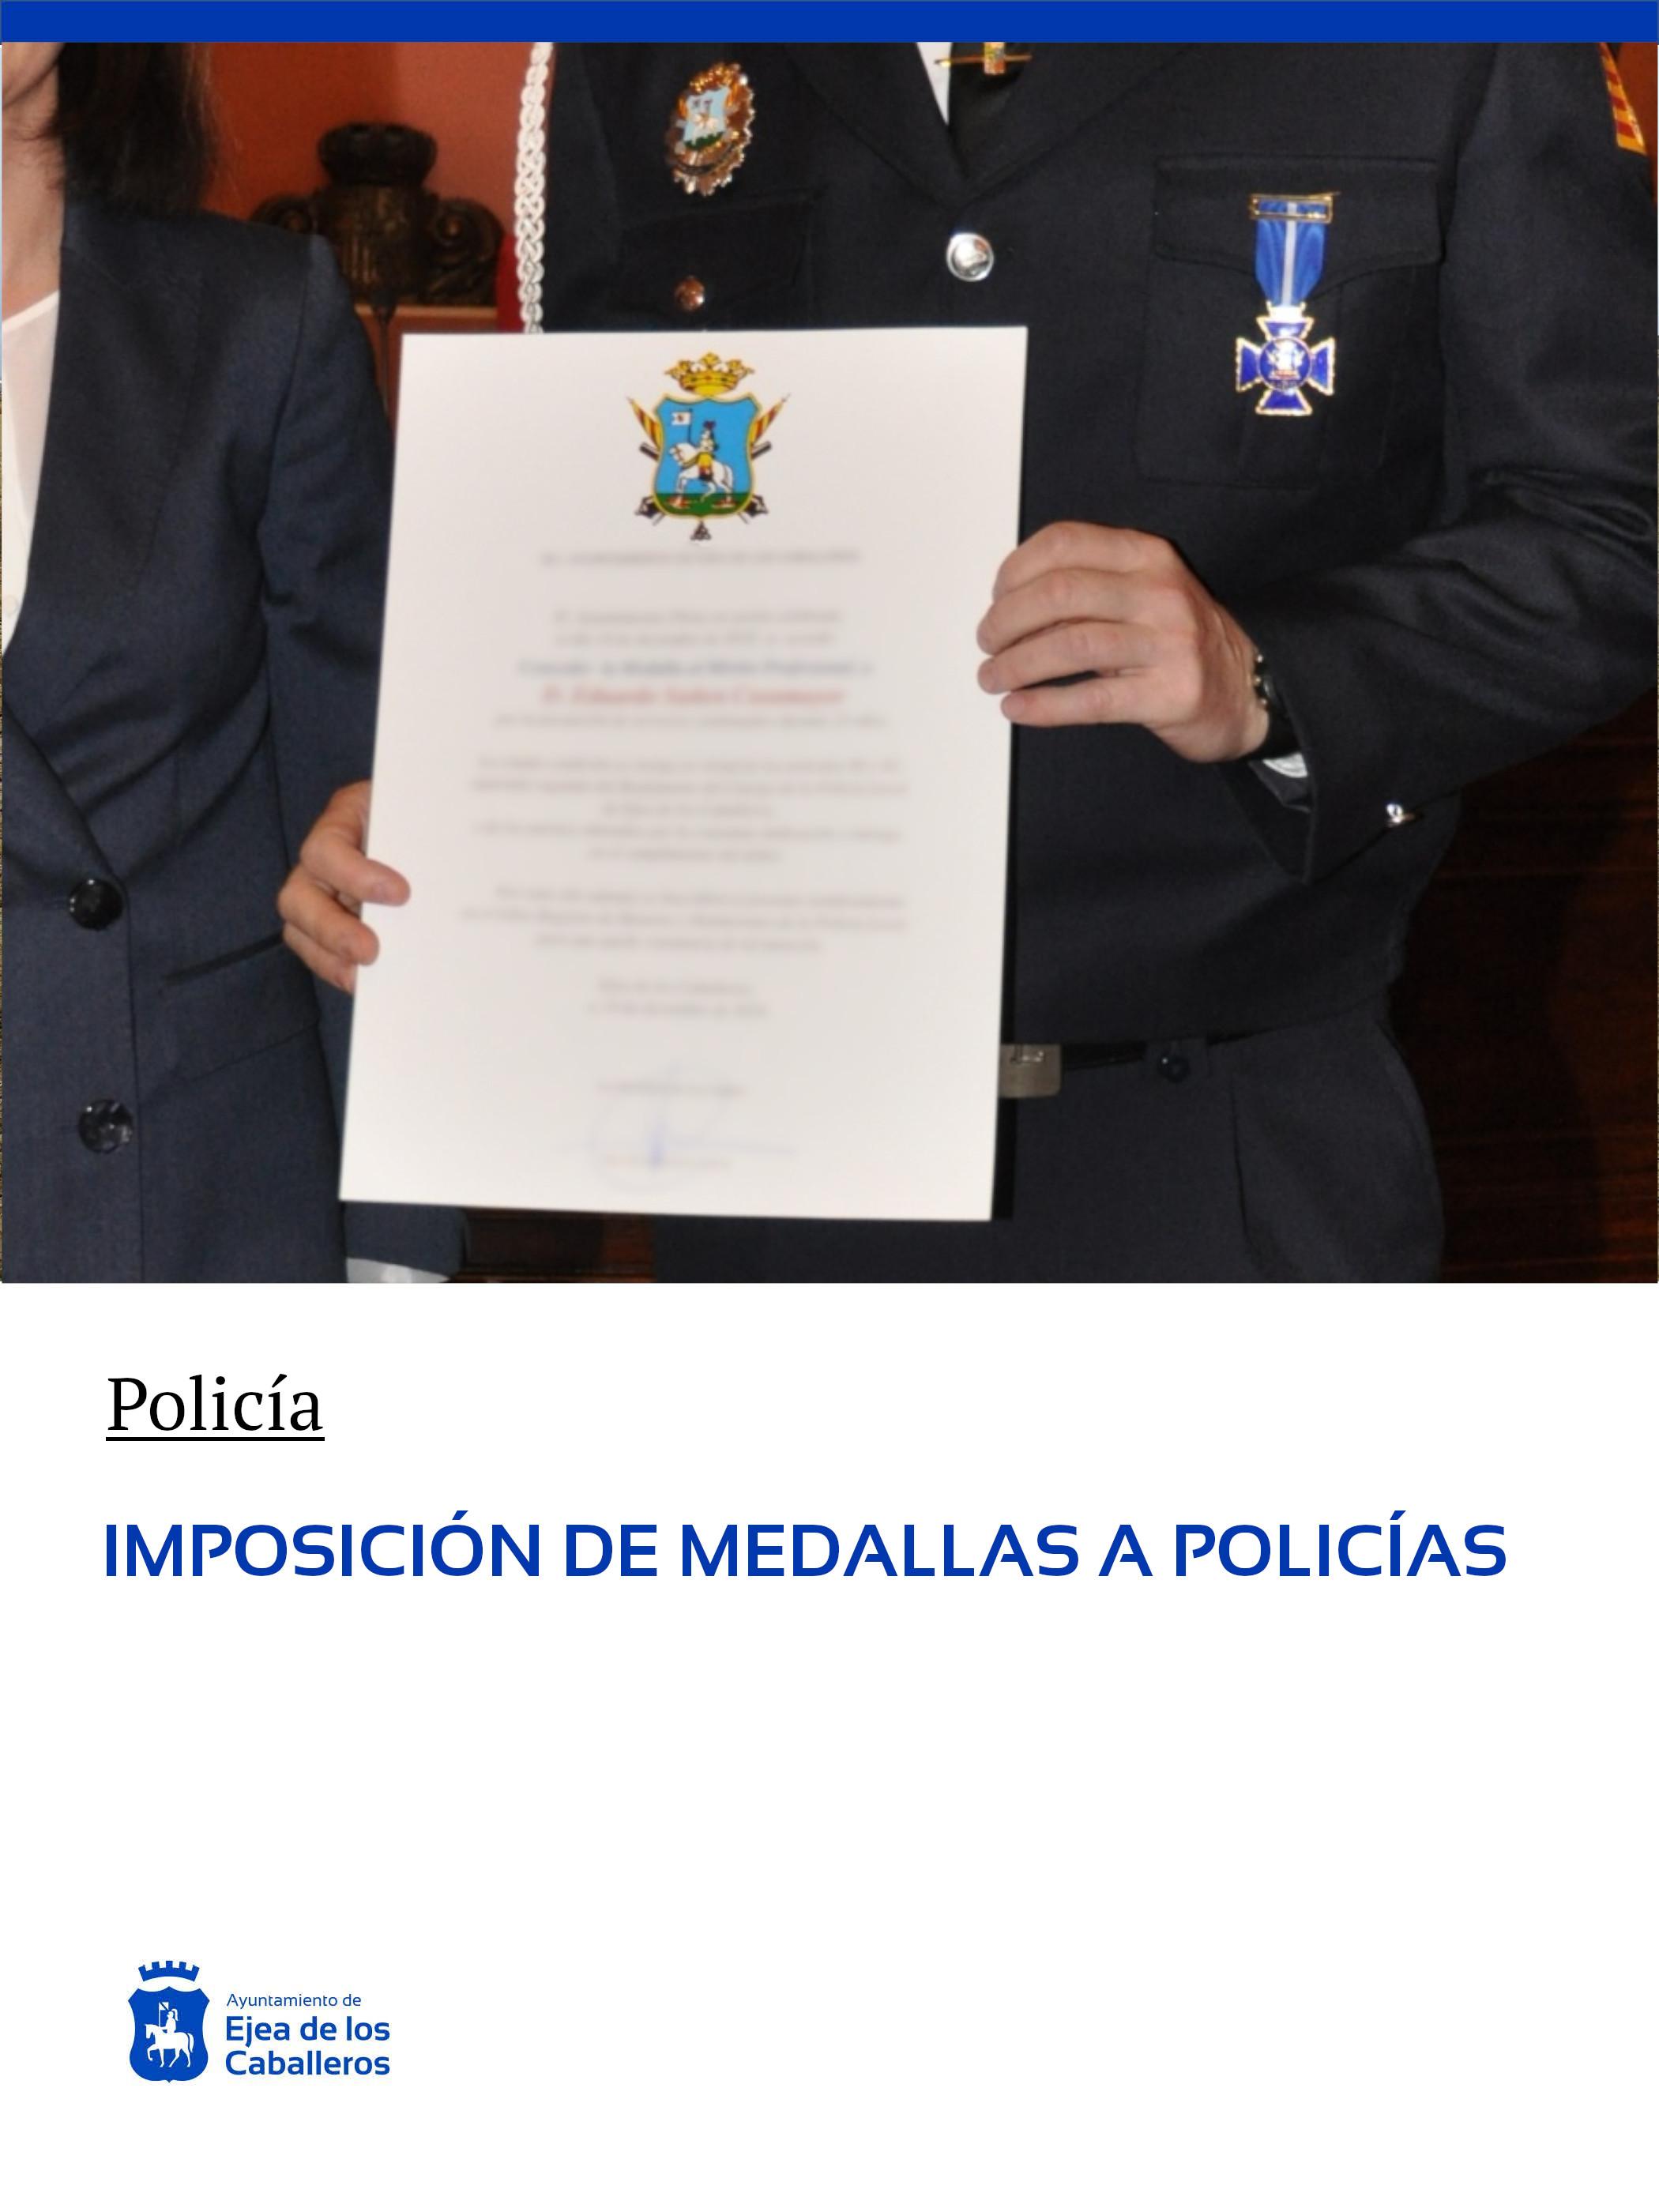 Imposición de medallas al mérito profesional, años 2018 y 2019, a varios miembros de la policía local